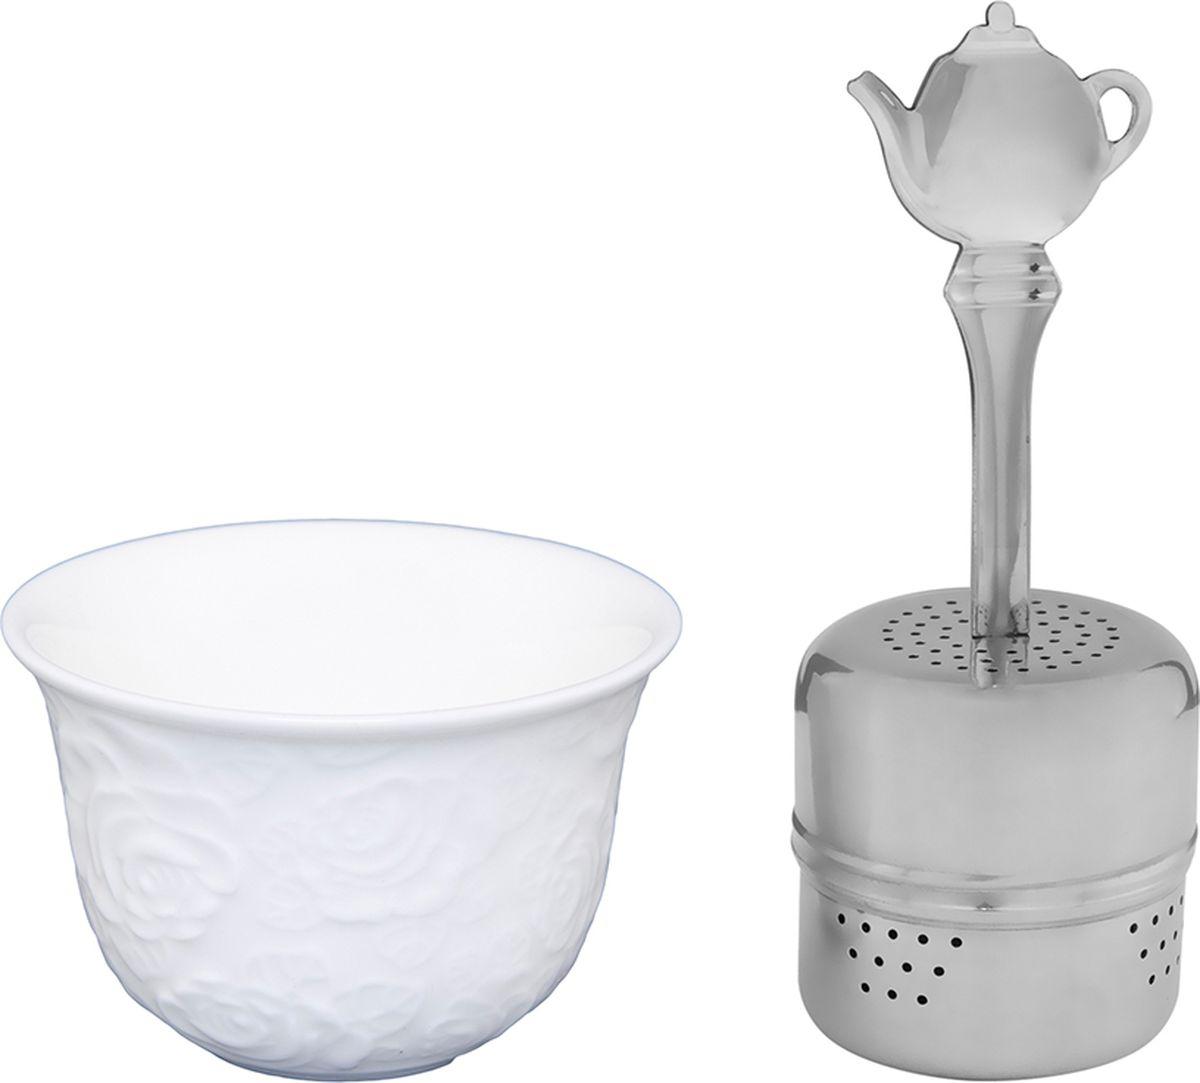 Набор для заварки чая Elan Gallery Белые розы, 75 мл, 2 предмета. 860028860028Набор для заварки чая Elan Gallery Белые розы изготовленный из высококачественной керамики прекрасно дополнит интерьер вашей кухни. А также станет отличным подарком вашим друзьям и близким.